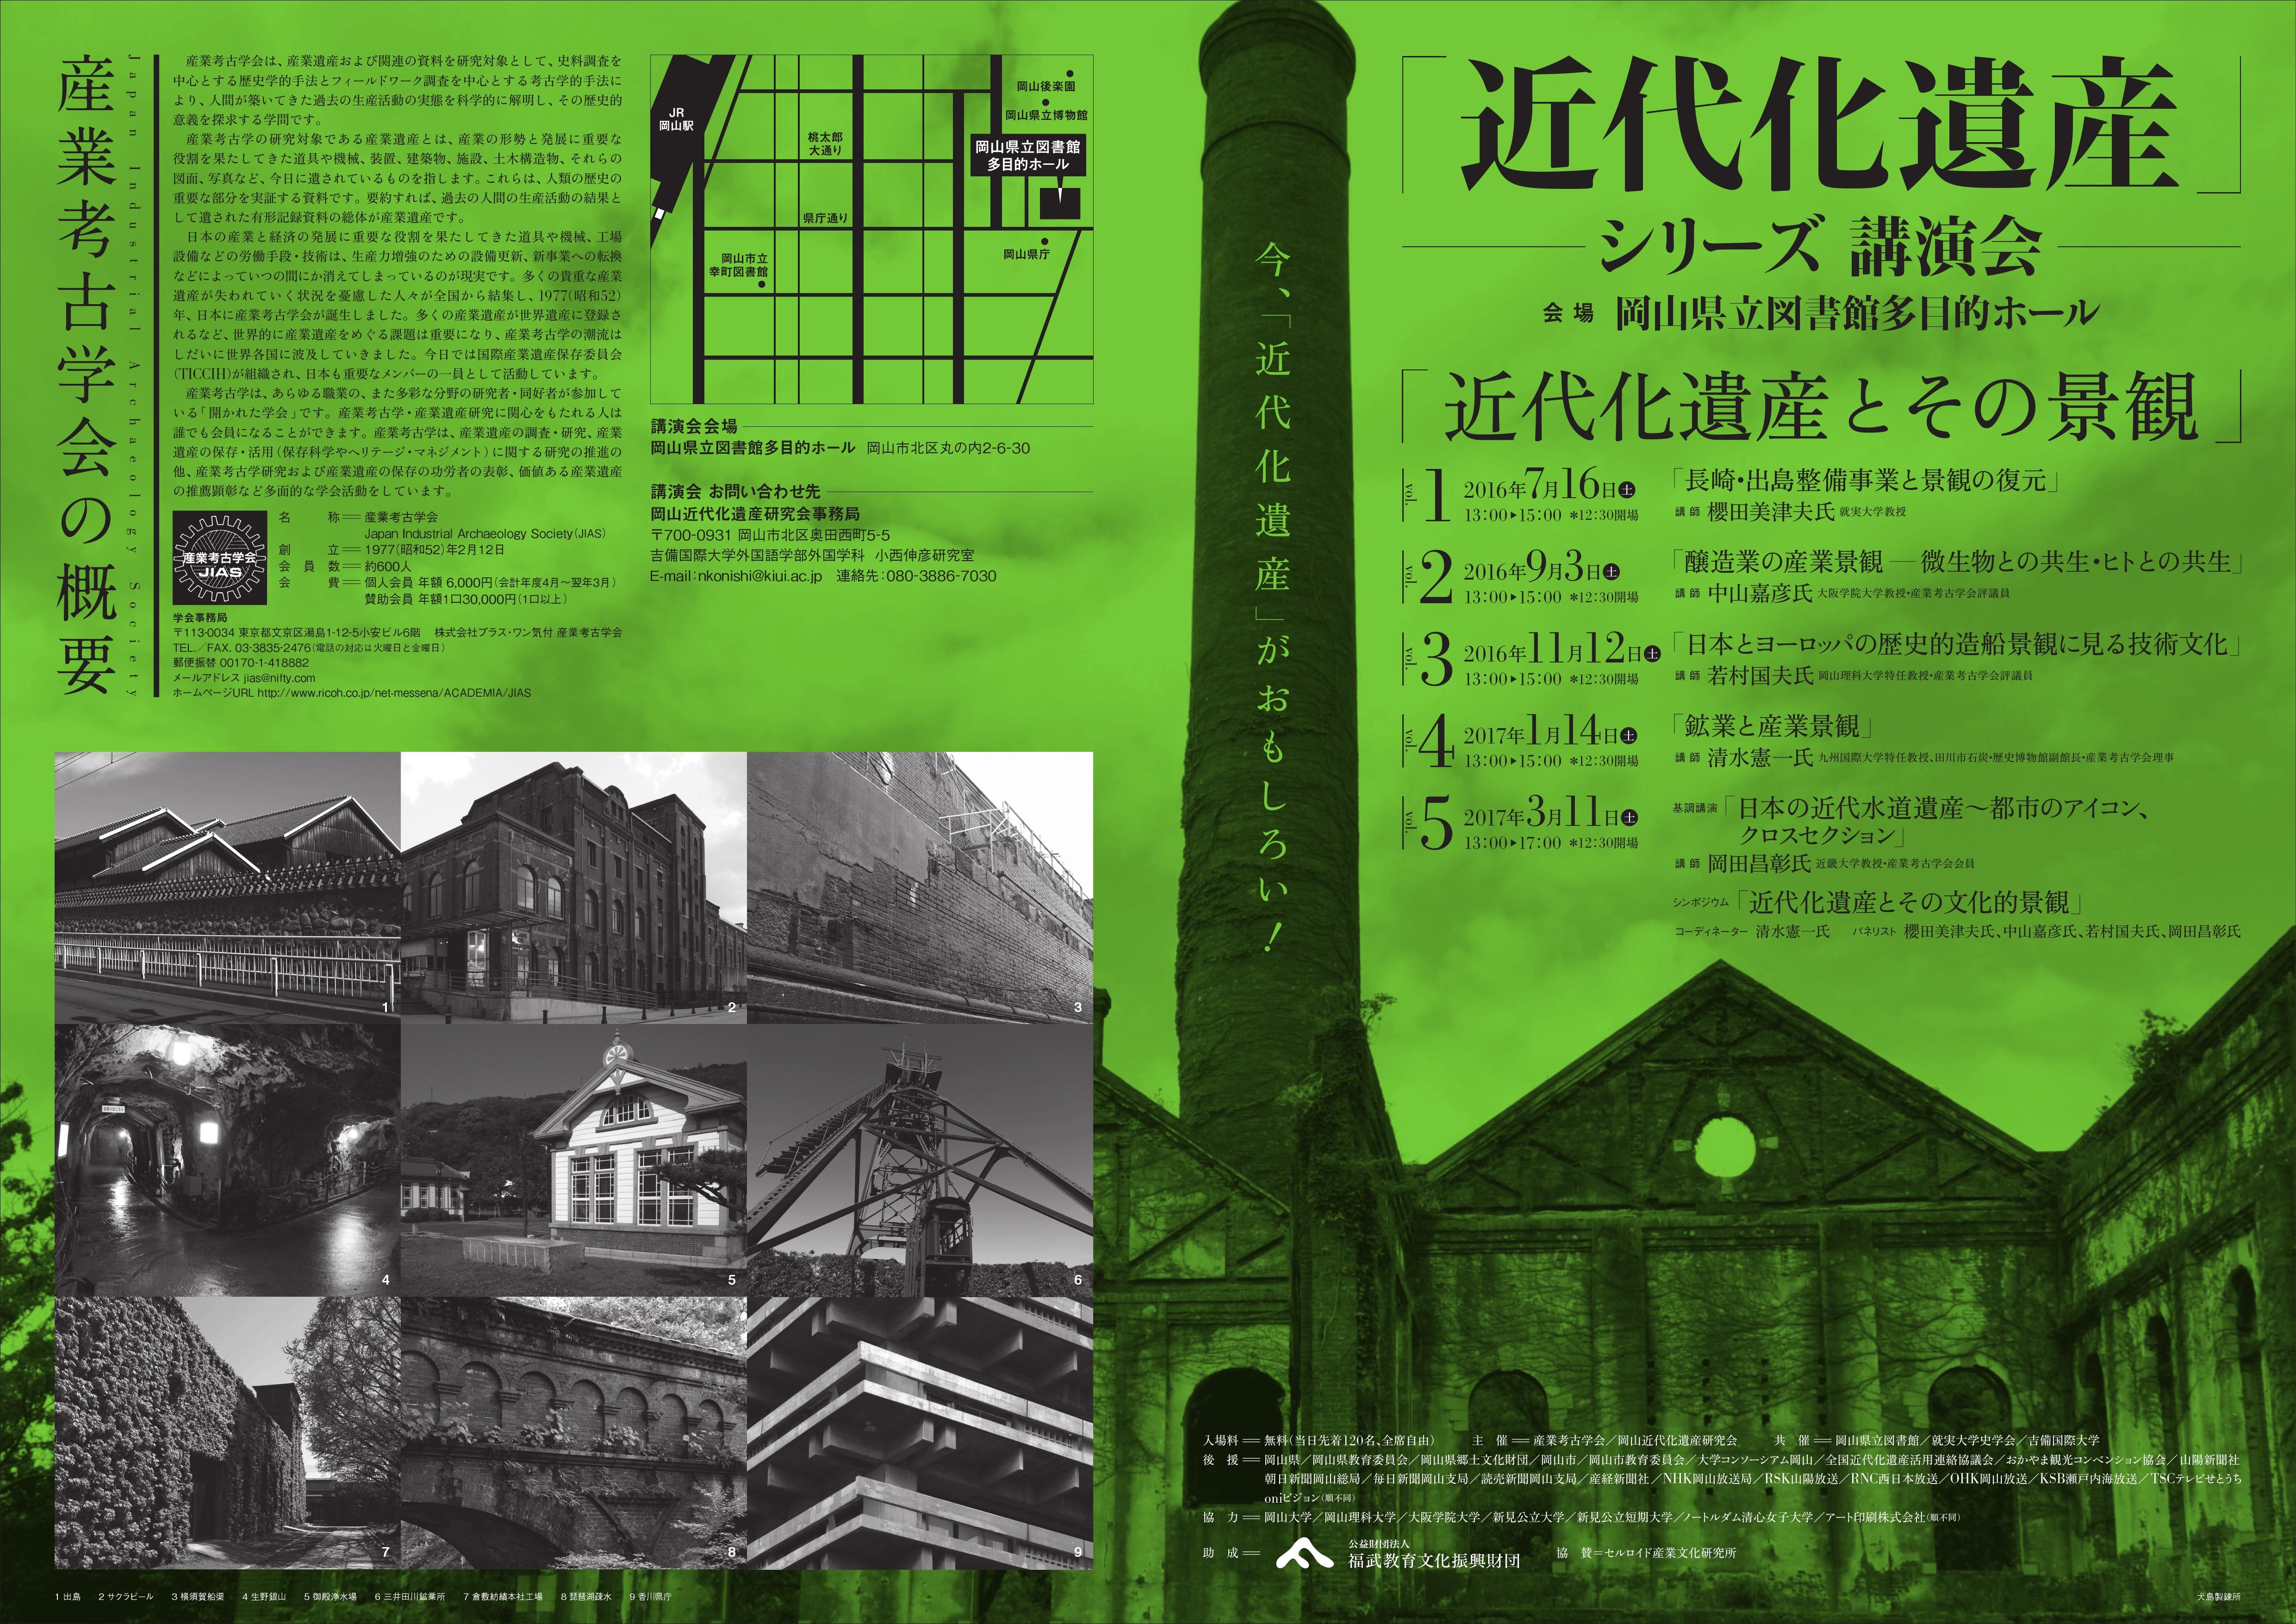 「近代化遺産」シリーズ講演会 「近代化遺産とその景観」